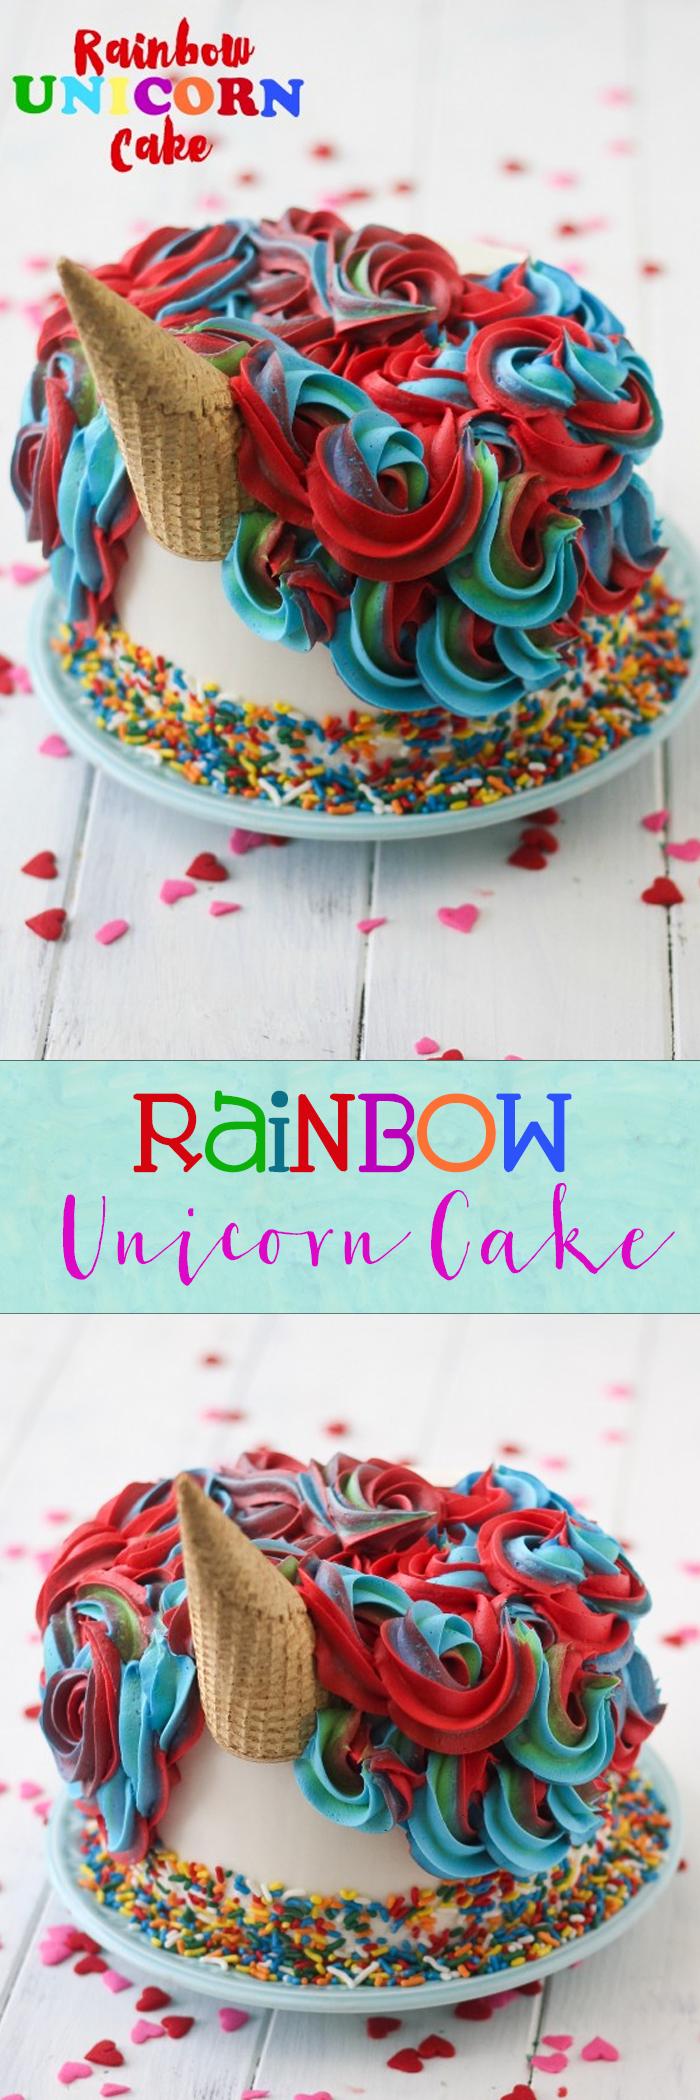 RAINBOW UNICORN CAKE!! So epic and majestic and fabulous! :)